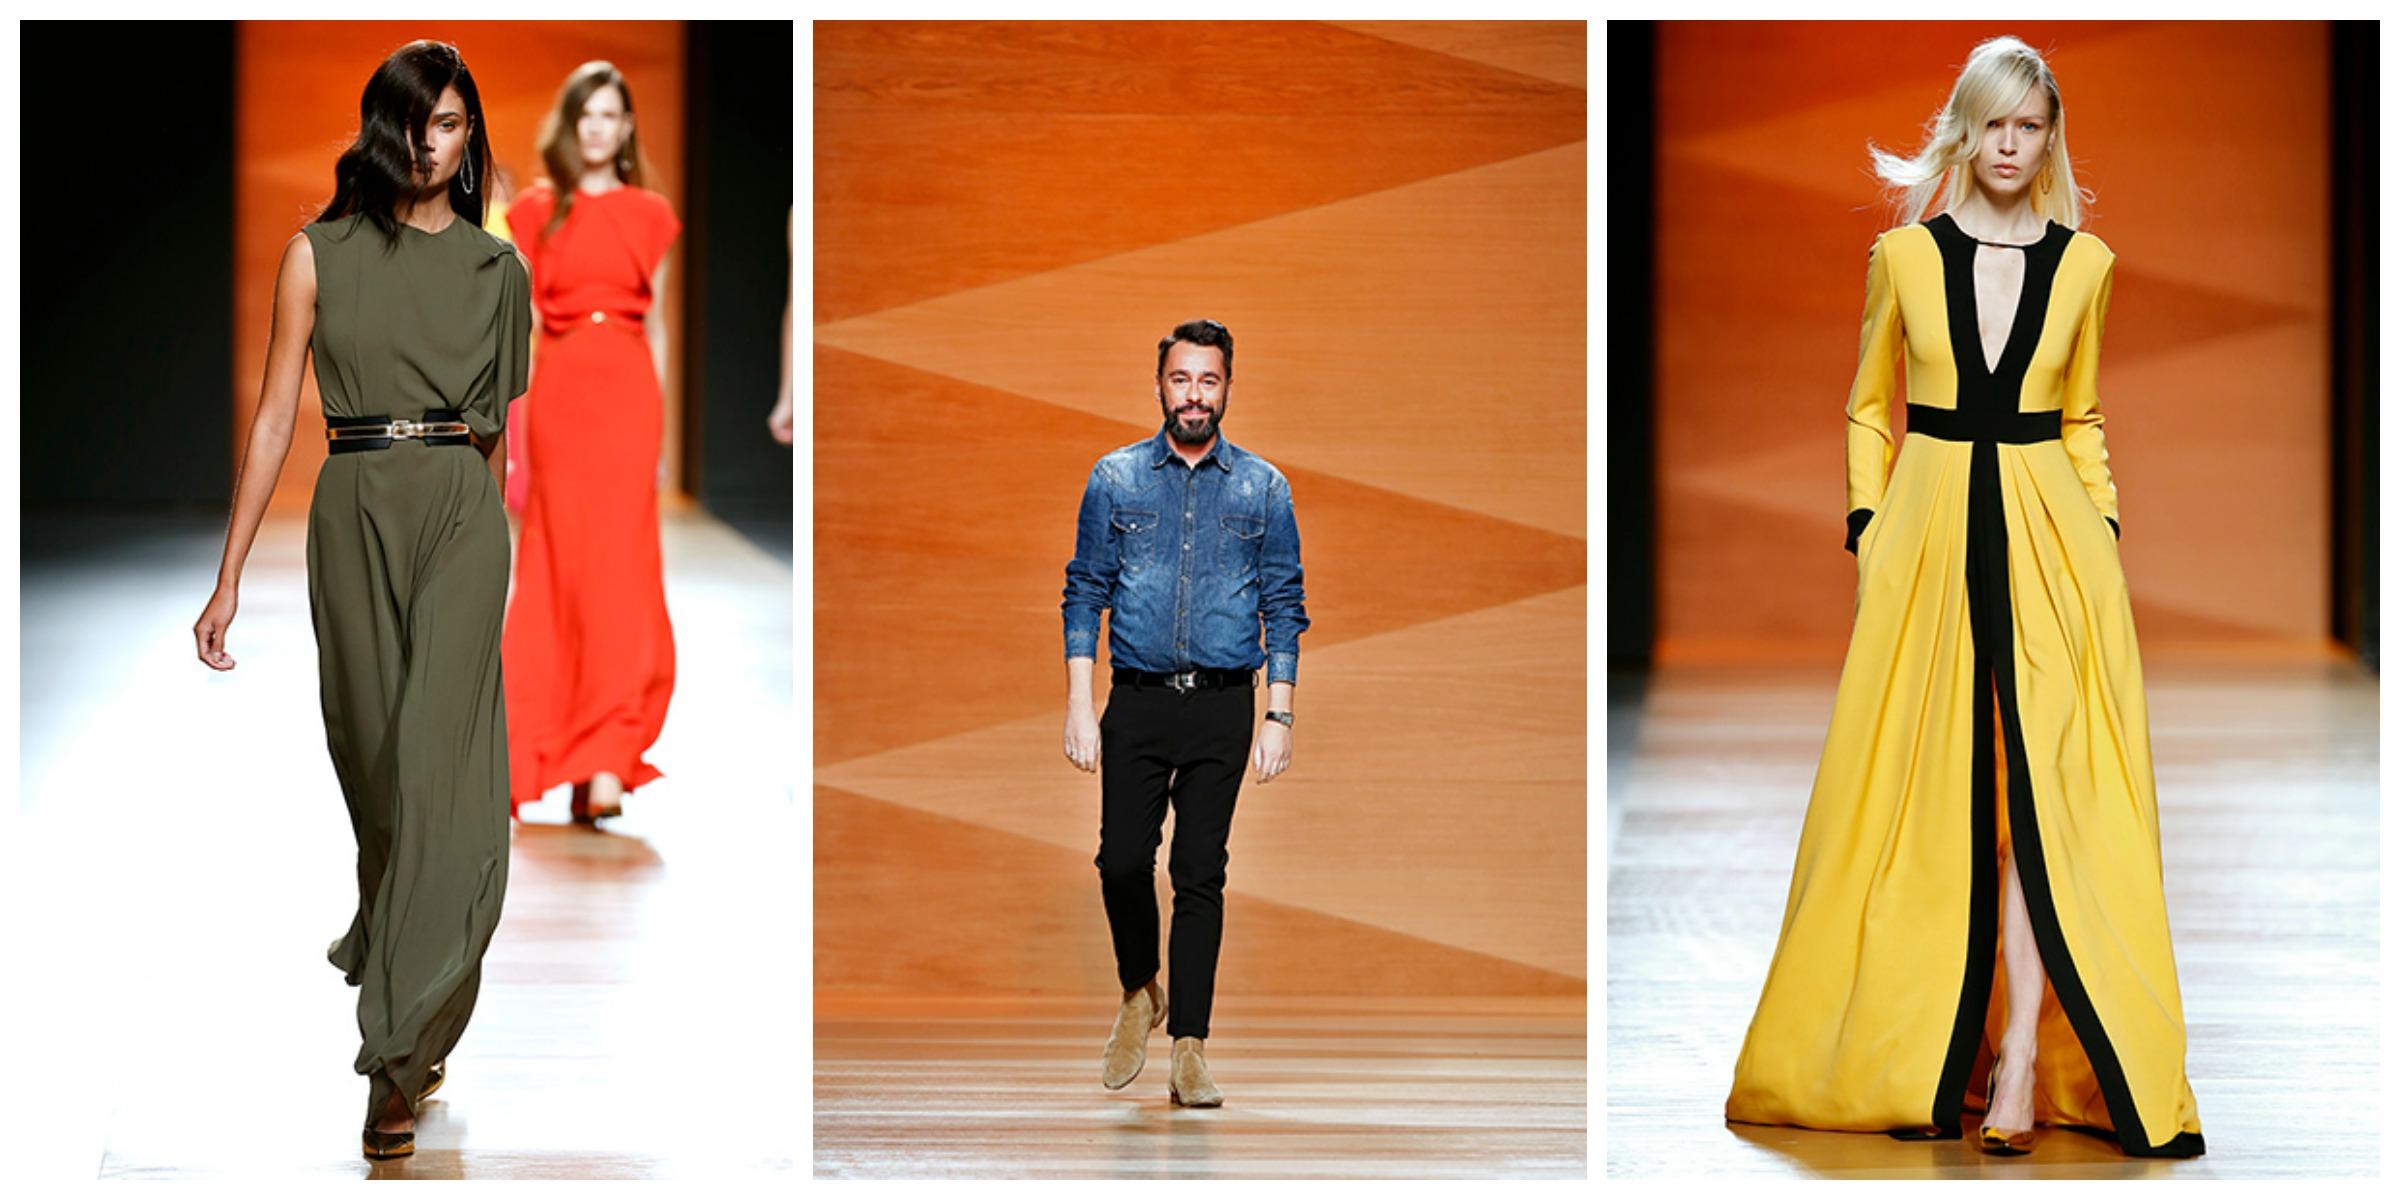 vith consultoria de moda antonio pozuelo diseñador español juanjo oliva mercedes benz fashion week acreditaciones tendencias invierno 2014 2015 style outfit elogy el corte ingles